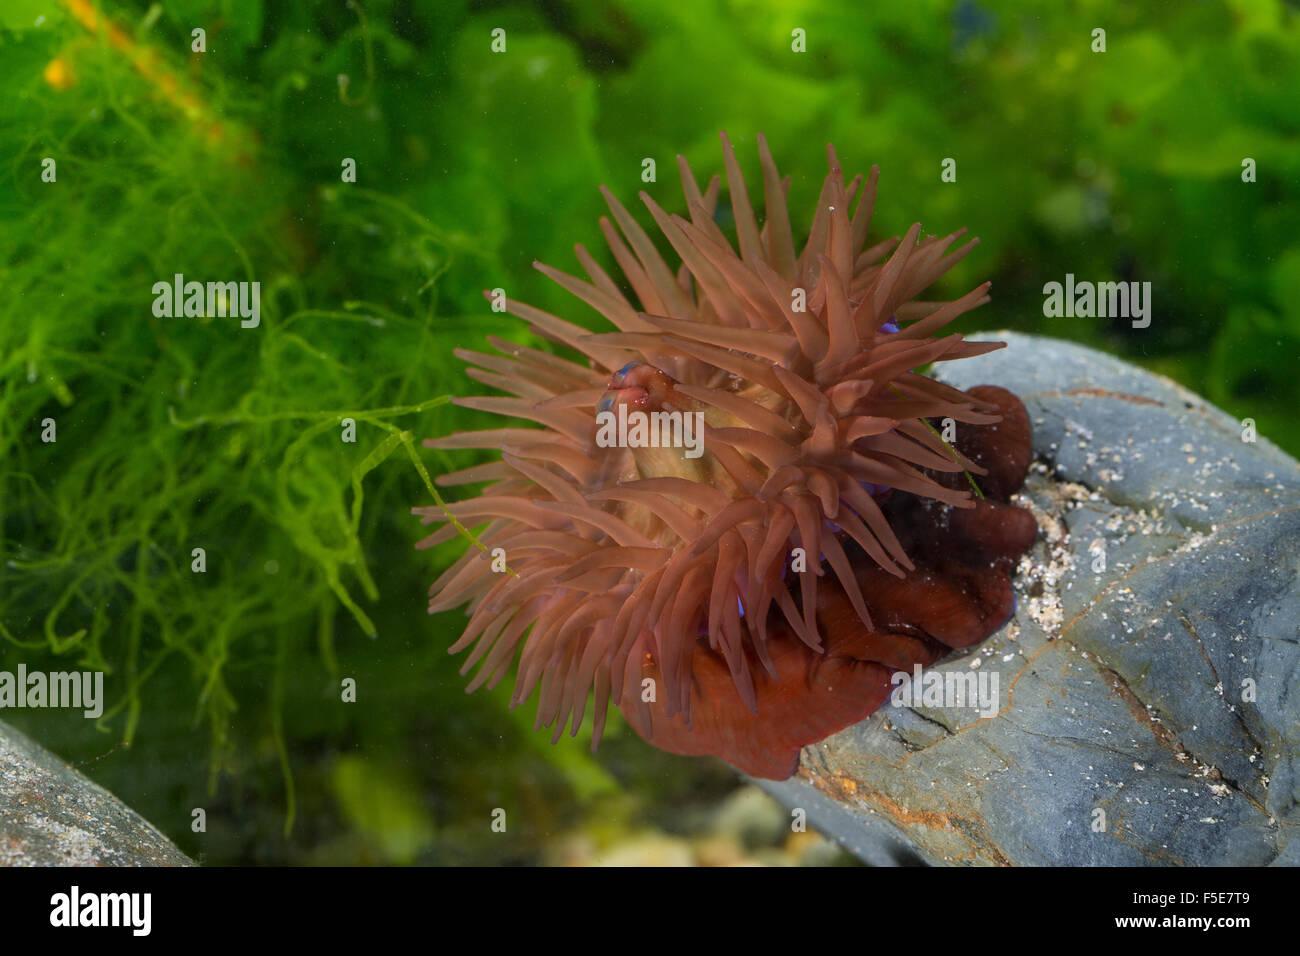 Beadlet anemone, sea anemone, beadlet-anemone, Pferdeaktinie, Pferde-Aktinie, Purpurrose, Actinia equina, Seeanemone - Stock Image